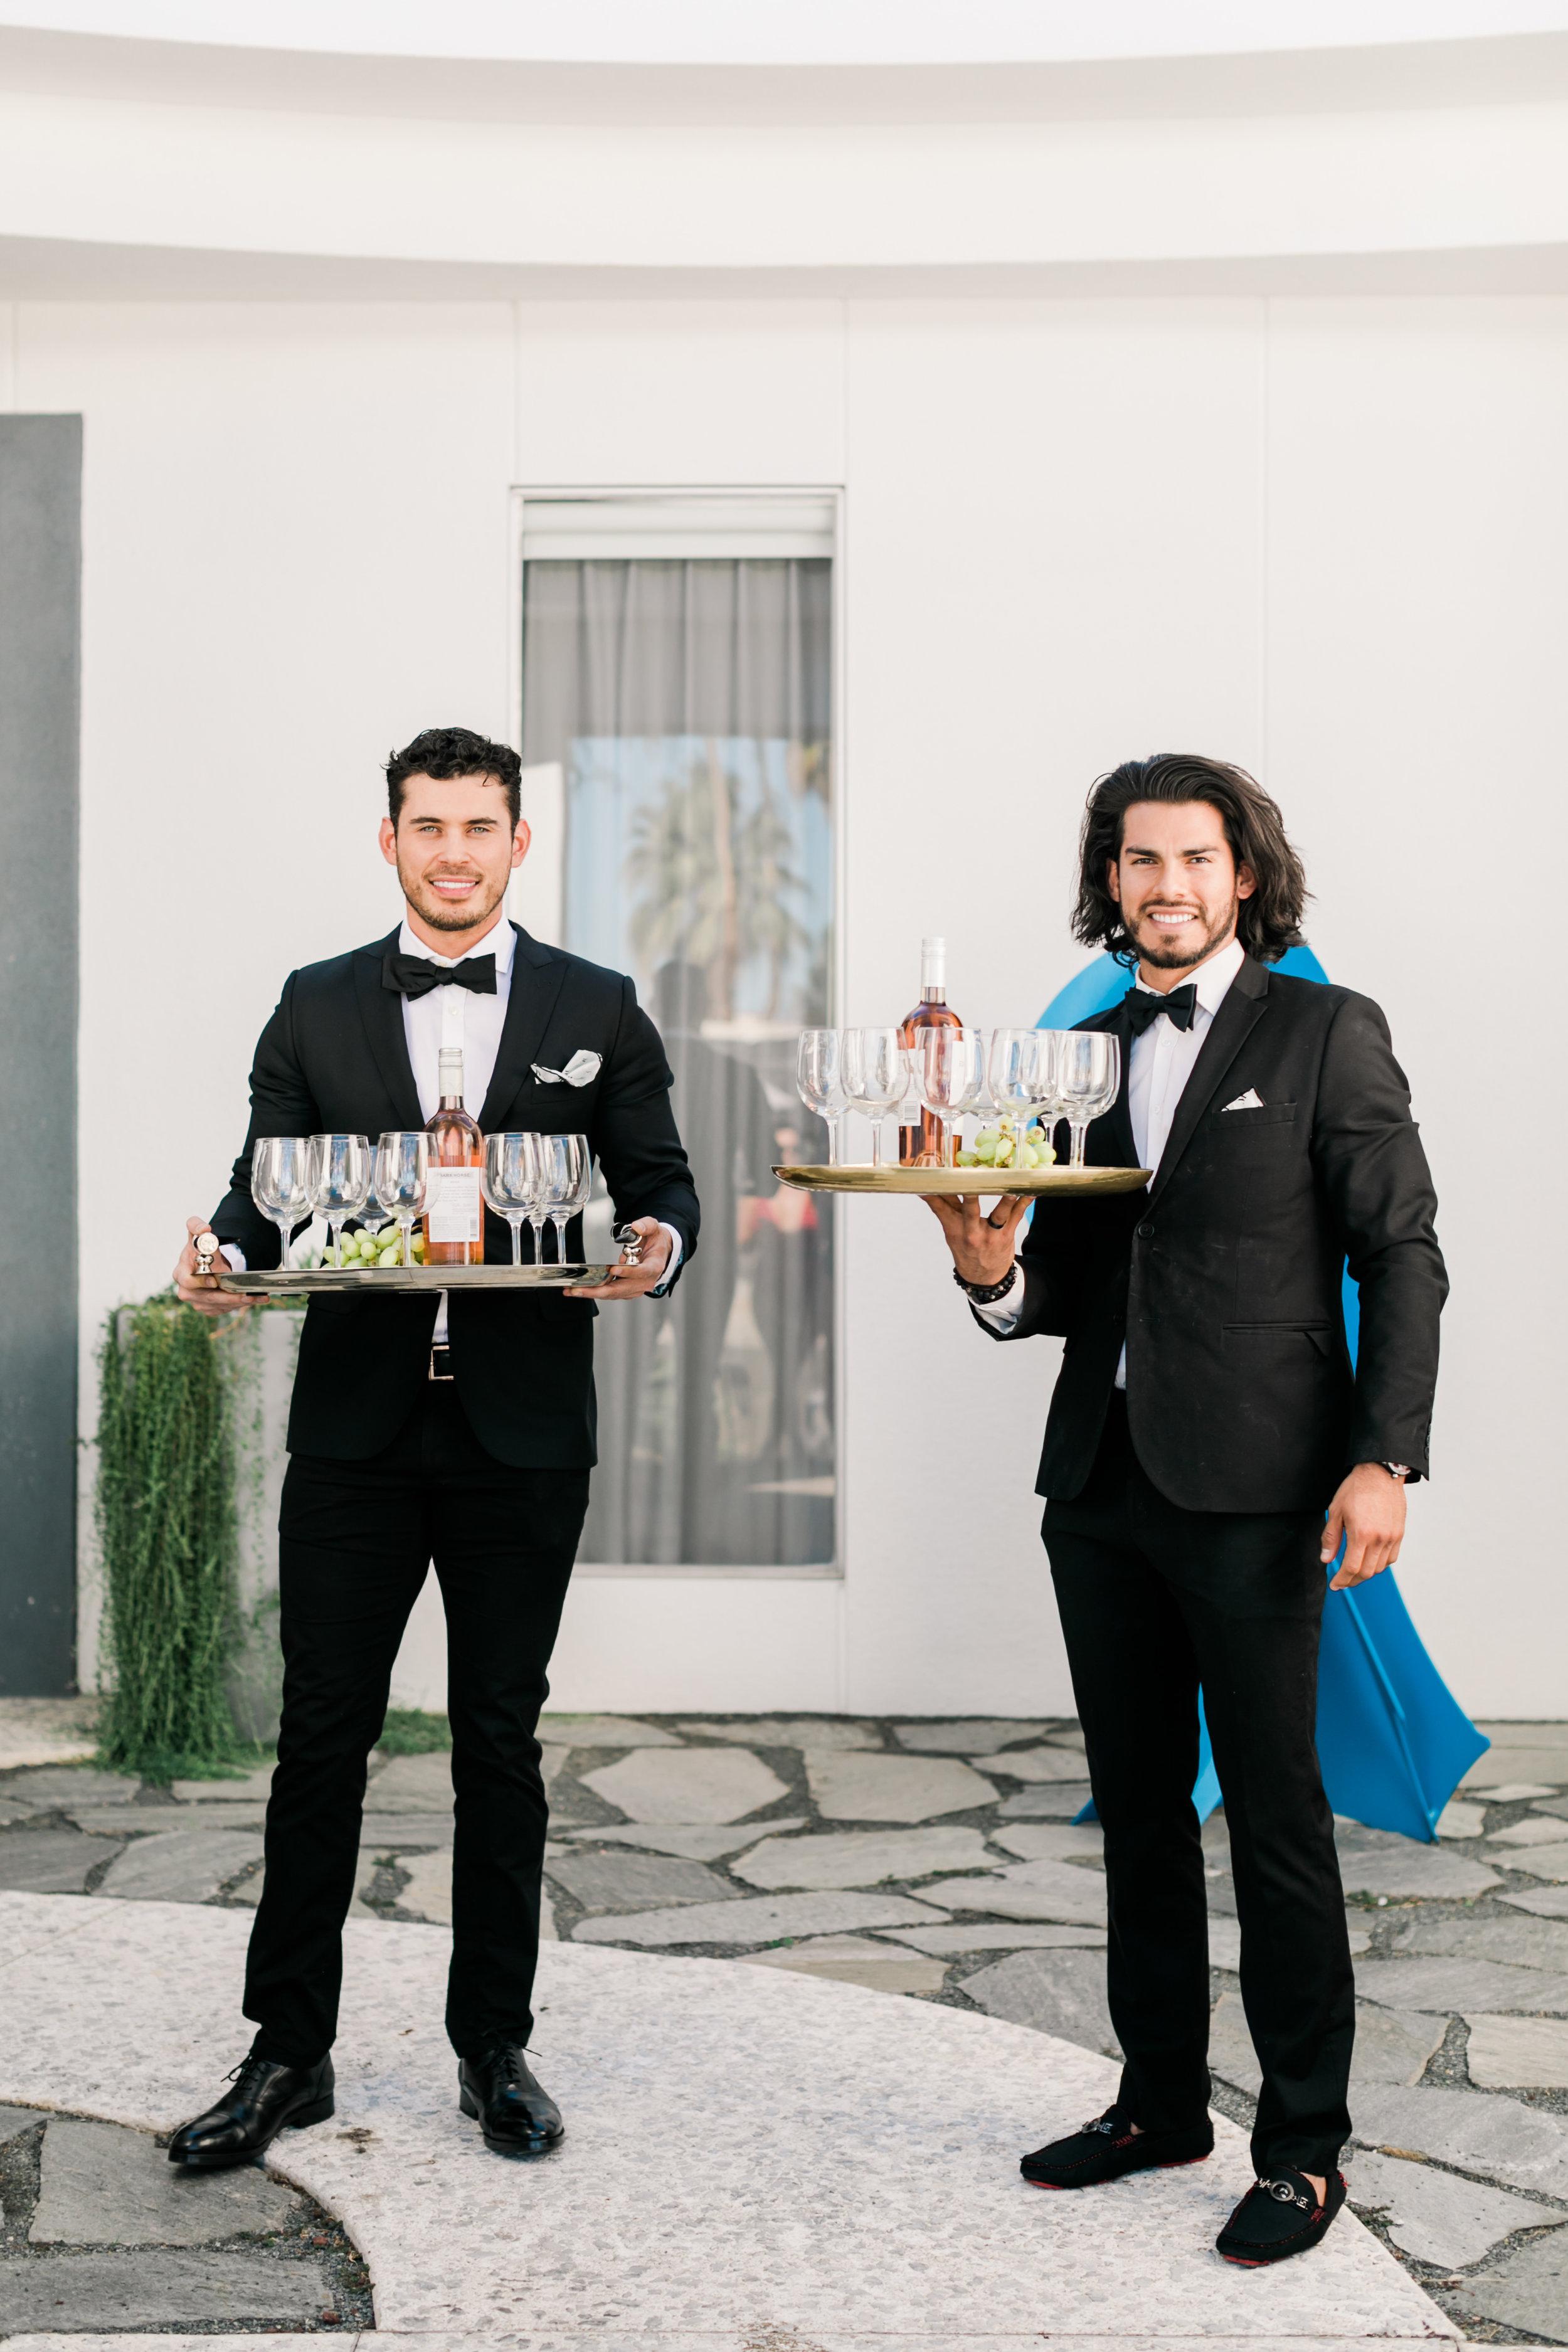 Manservants - Bachelorette Party Idea